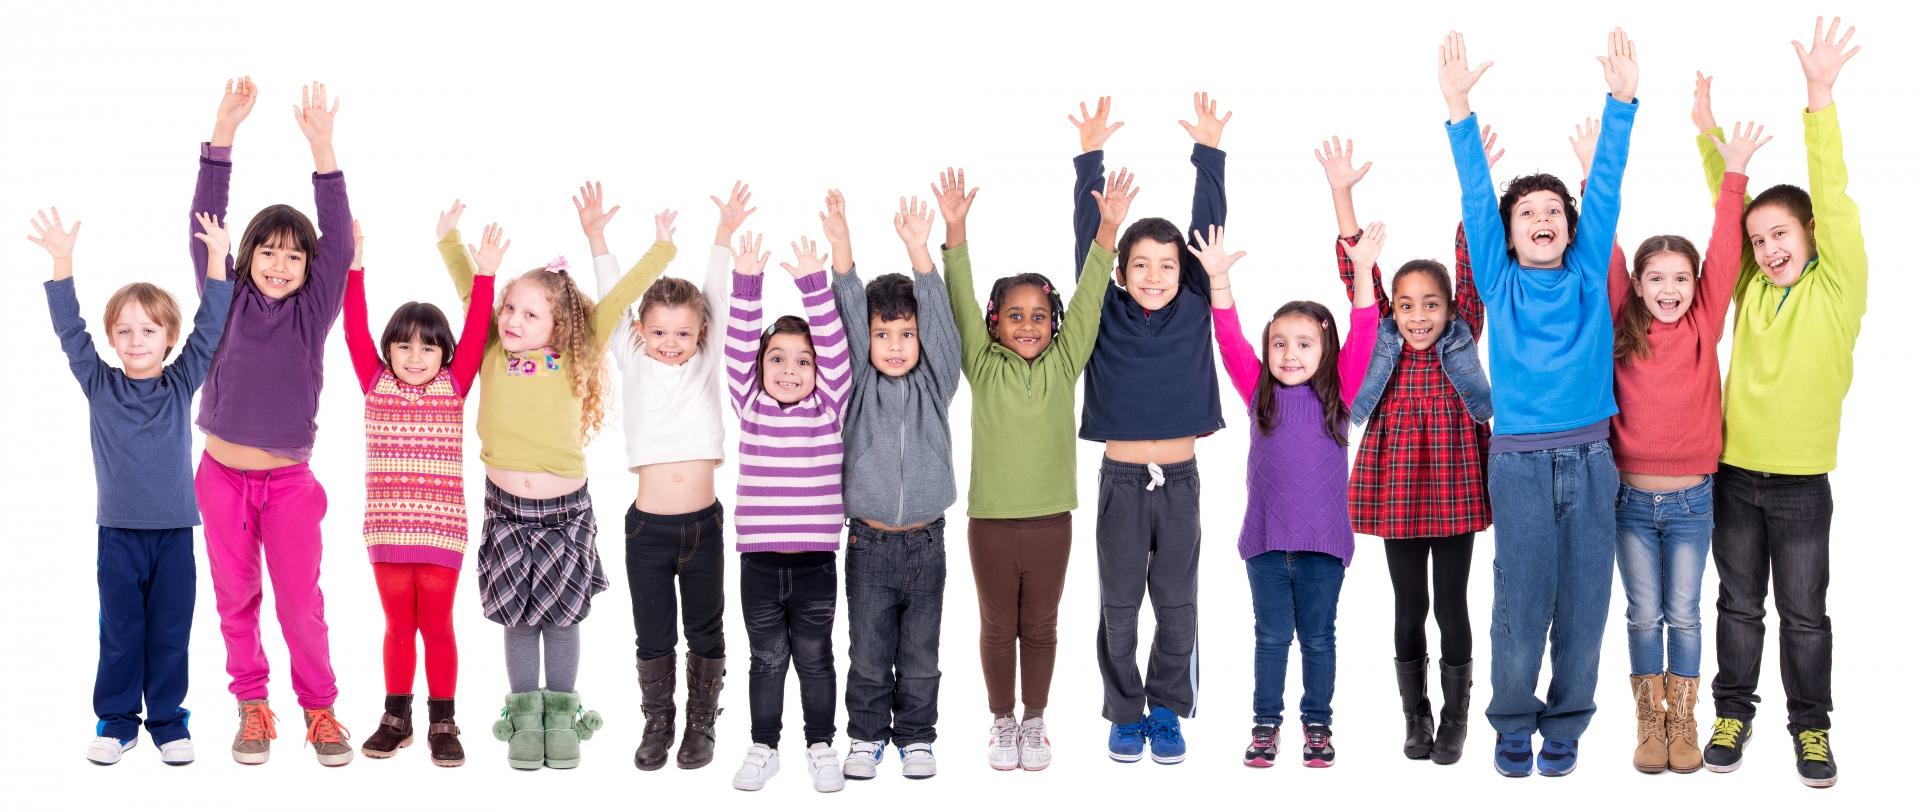 Cursos y talleres: Servicios de Psicología Emovere